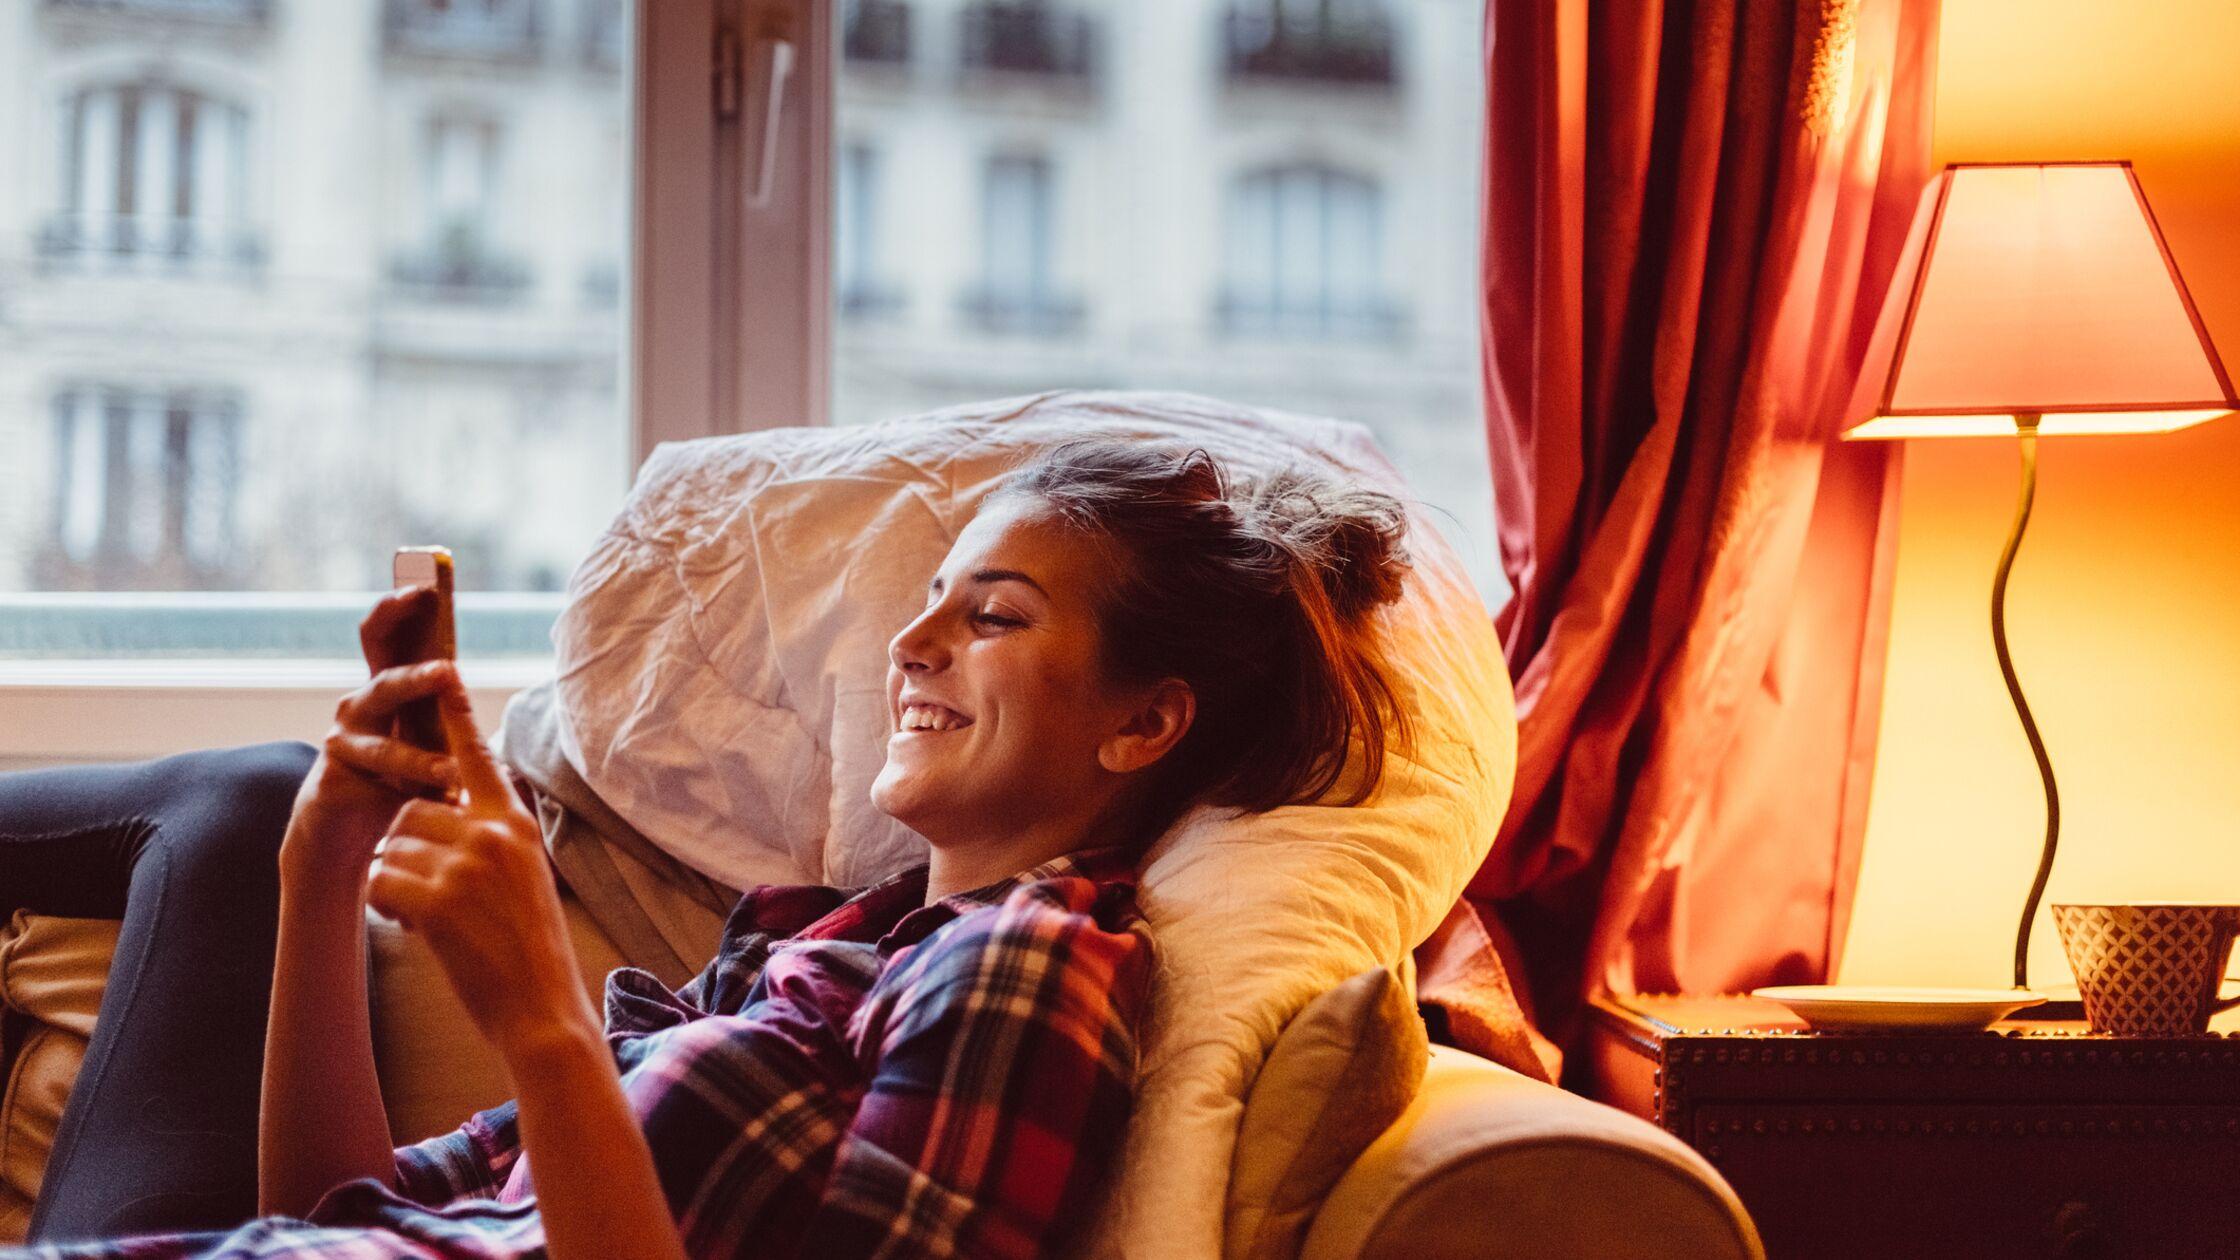 Junge Frau liegt auf dem Sofa und schaut auf ihr Smartphone, hinter ihr brennt eine Lampe